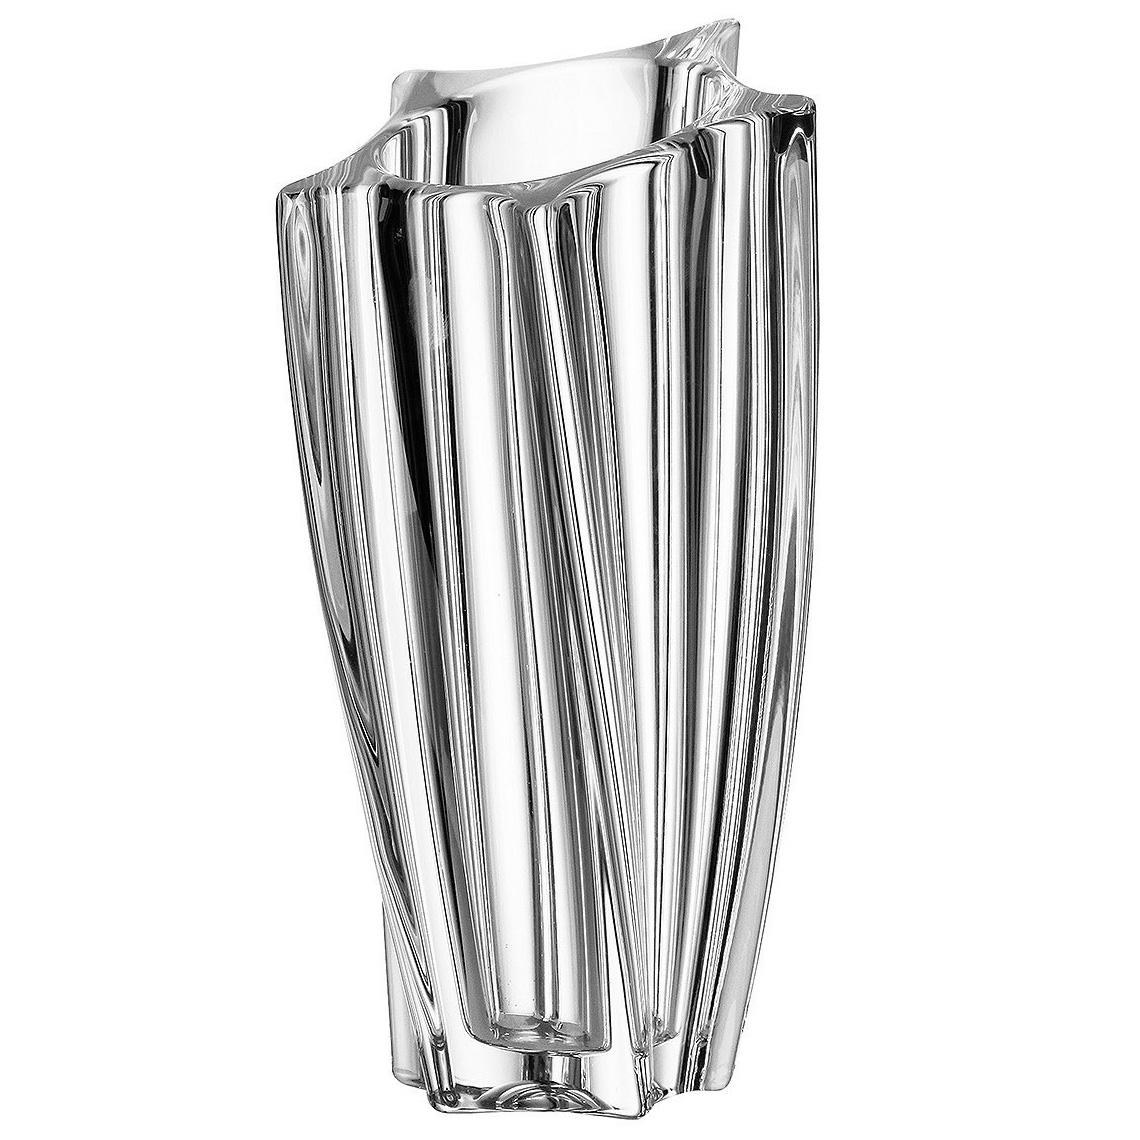 ваза yoko 255мм - 4419